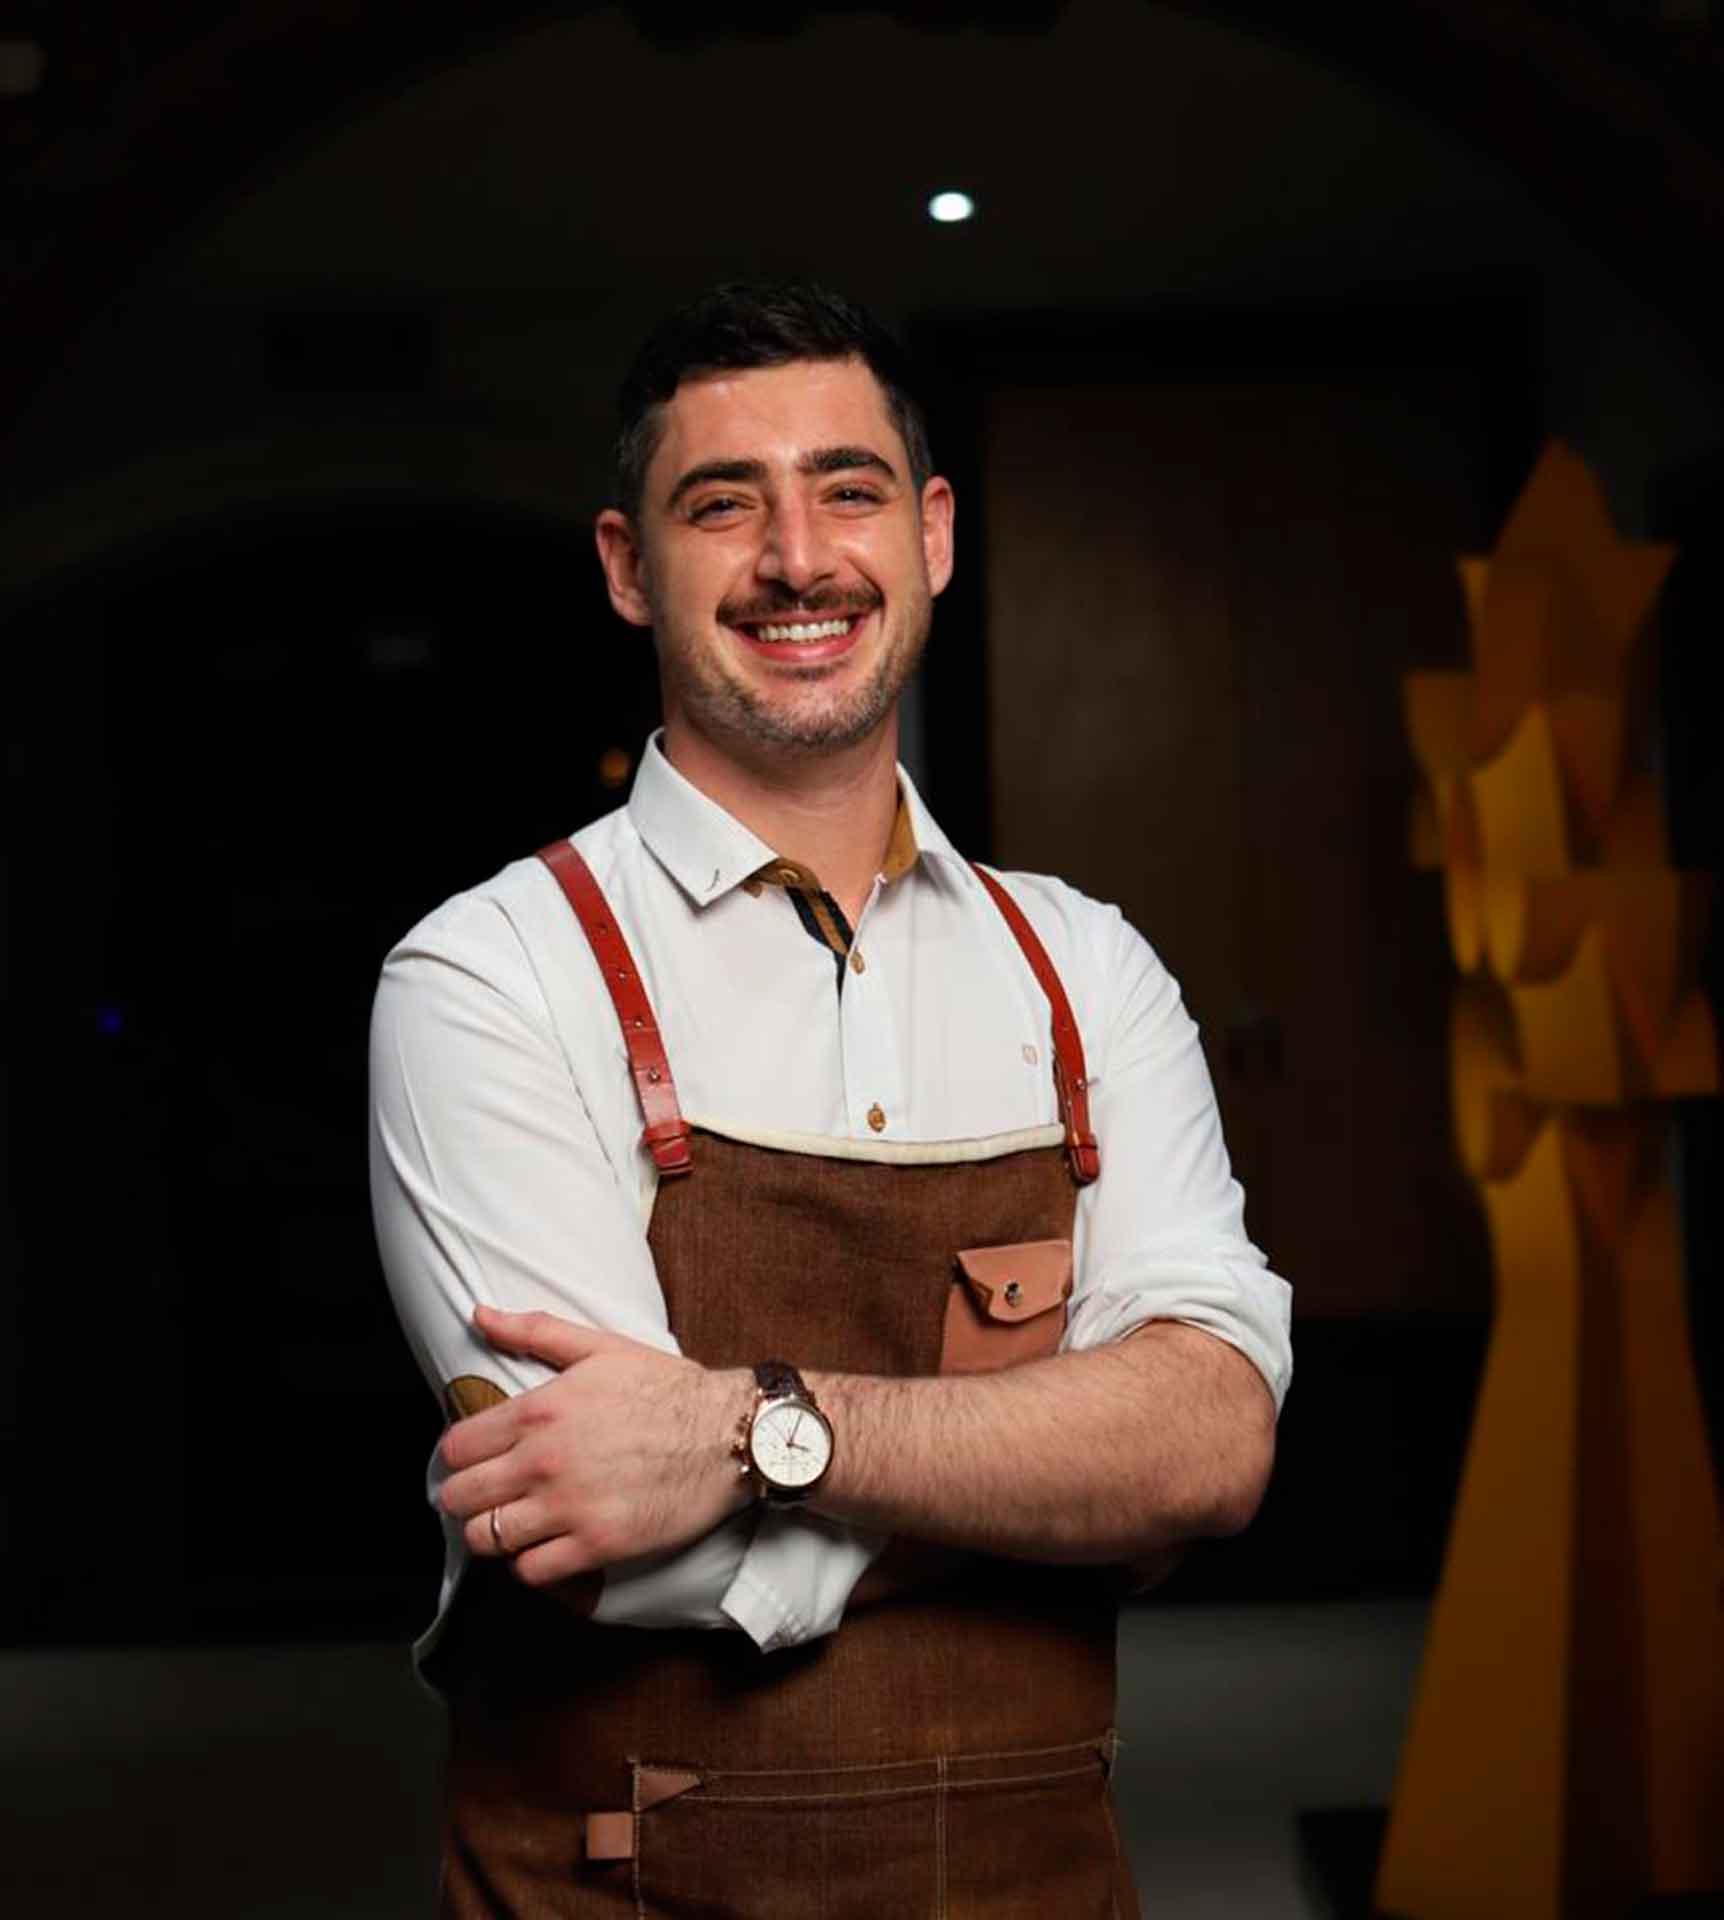 Chef Miguel Sánchez Navarro